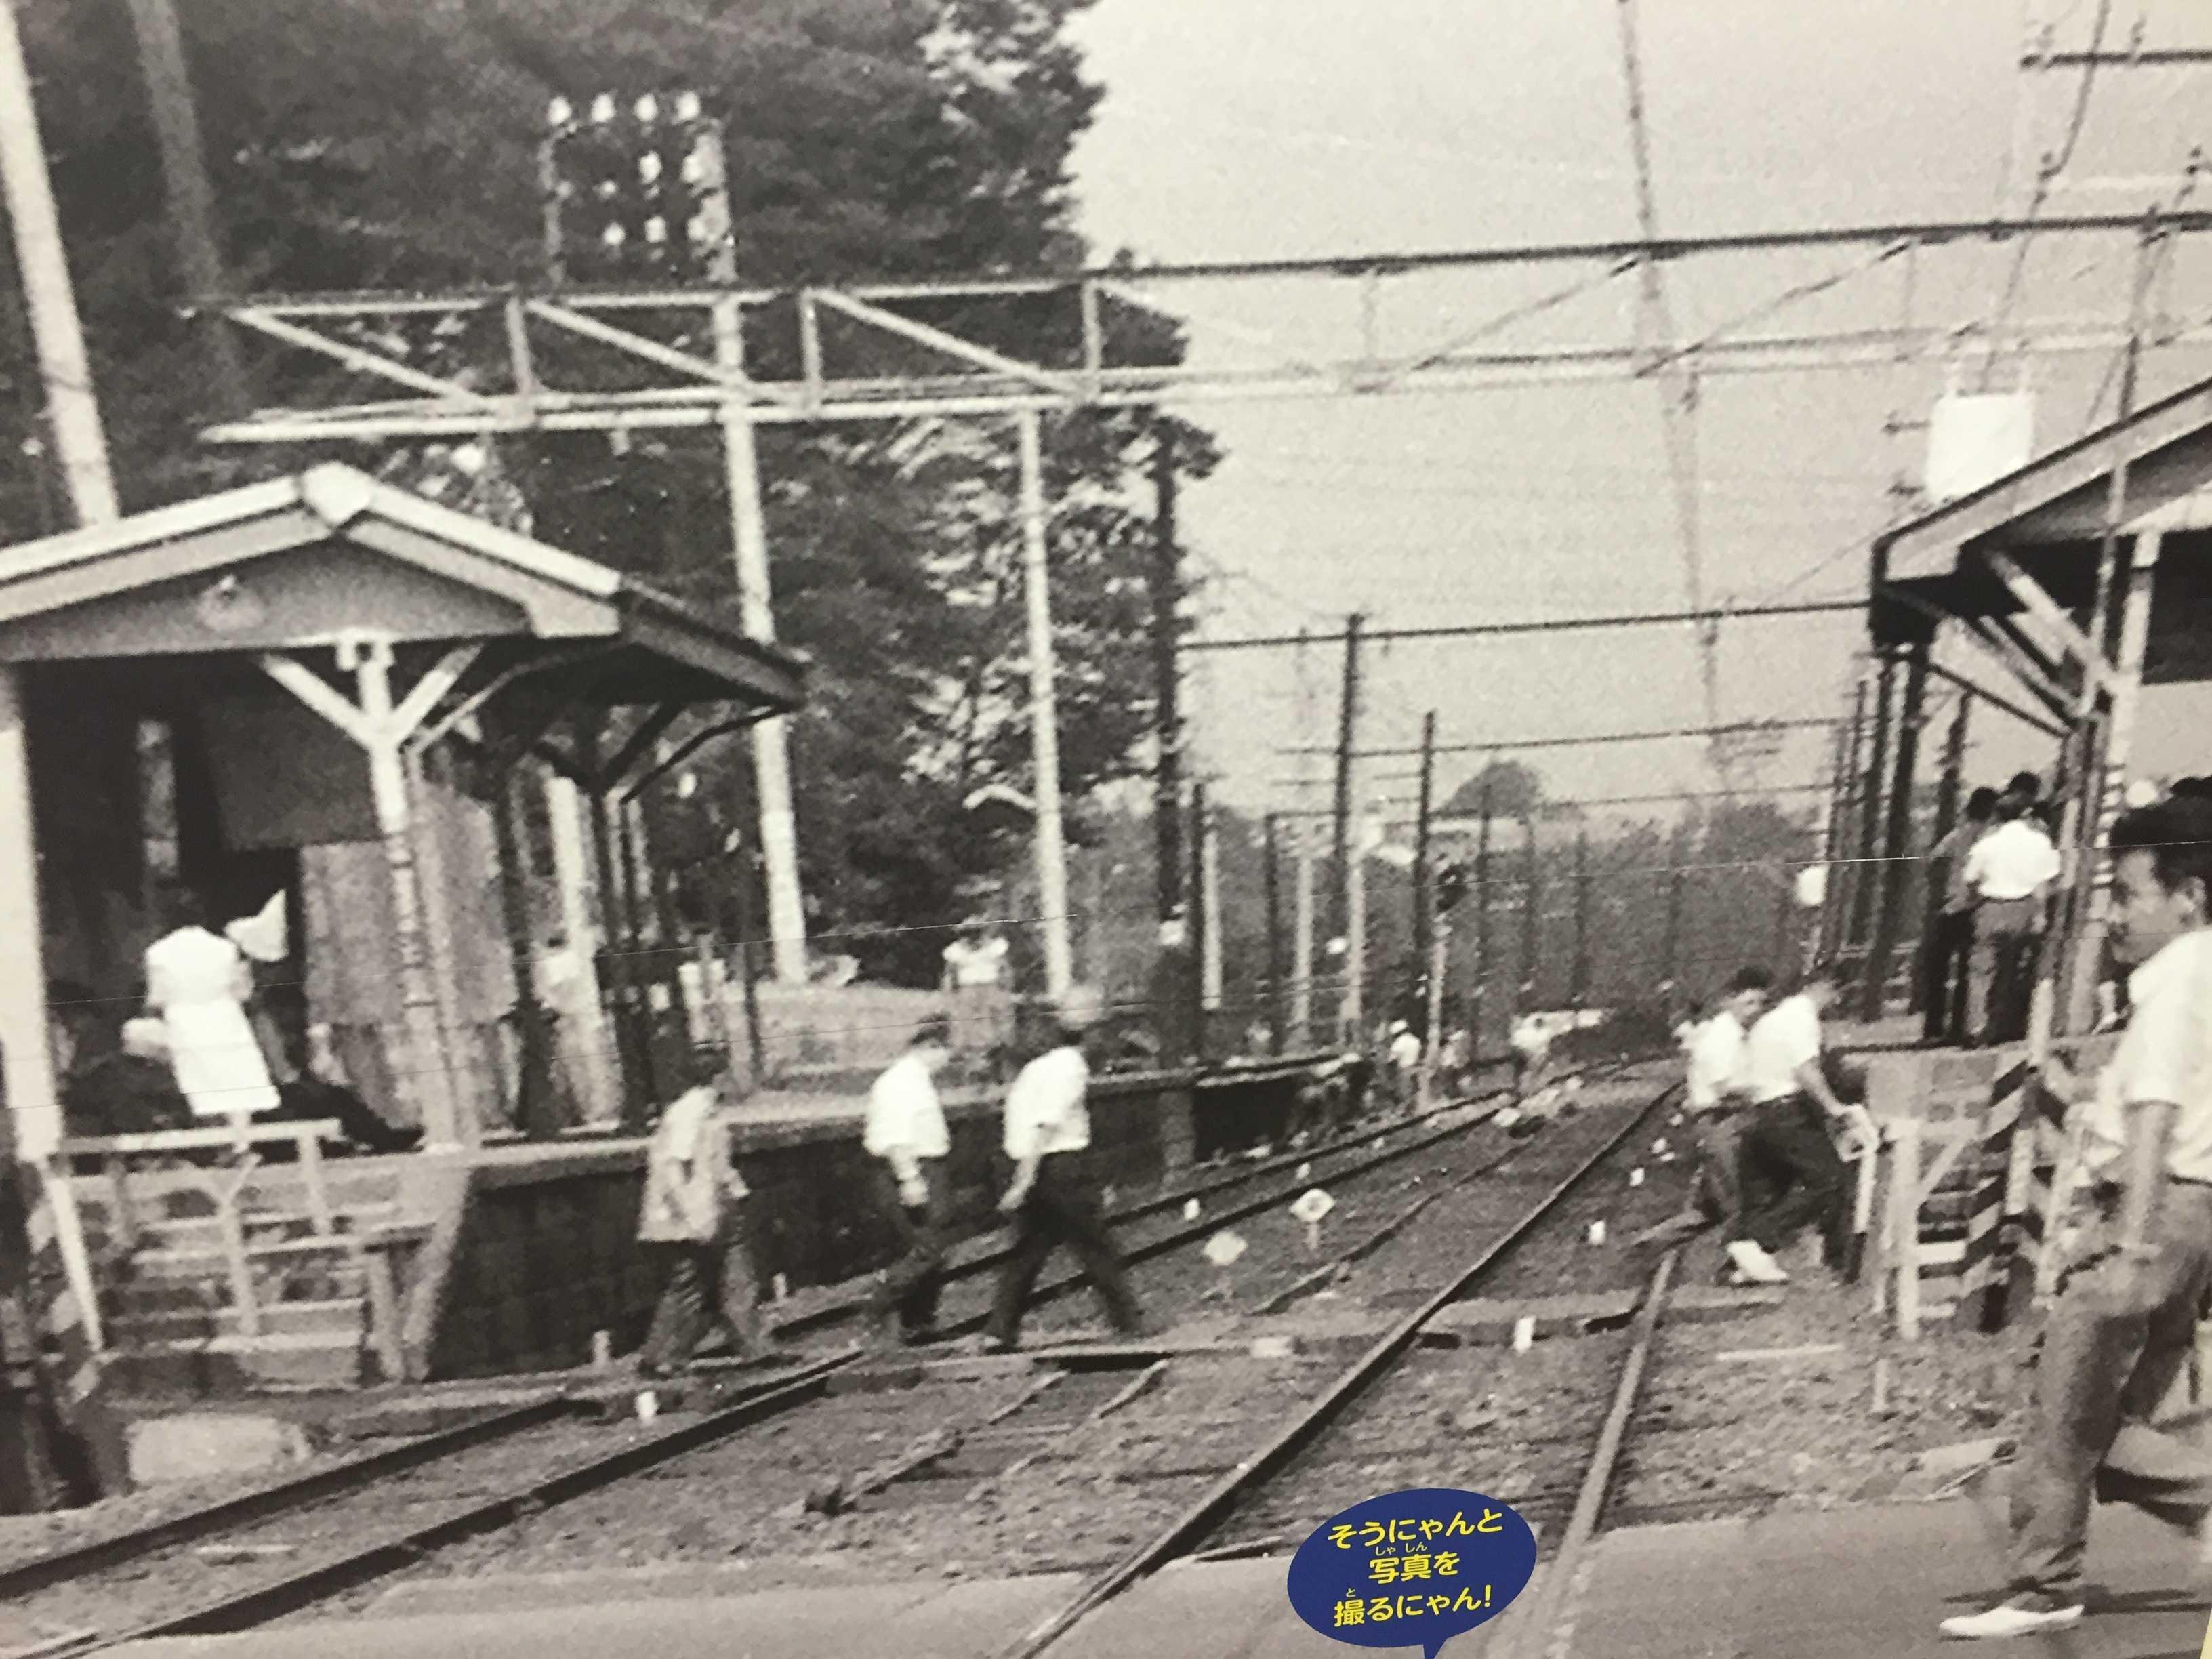 昭和30年代の希望ヶ丘駅(相模鉄道)の構内横断場